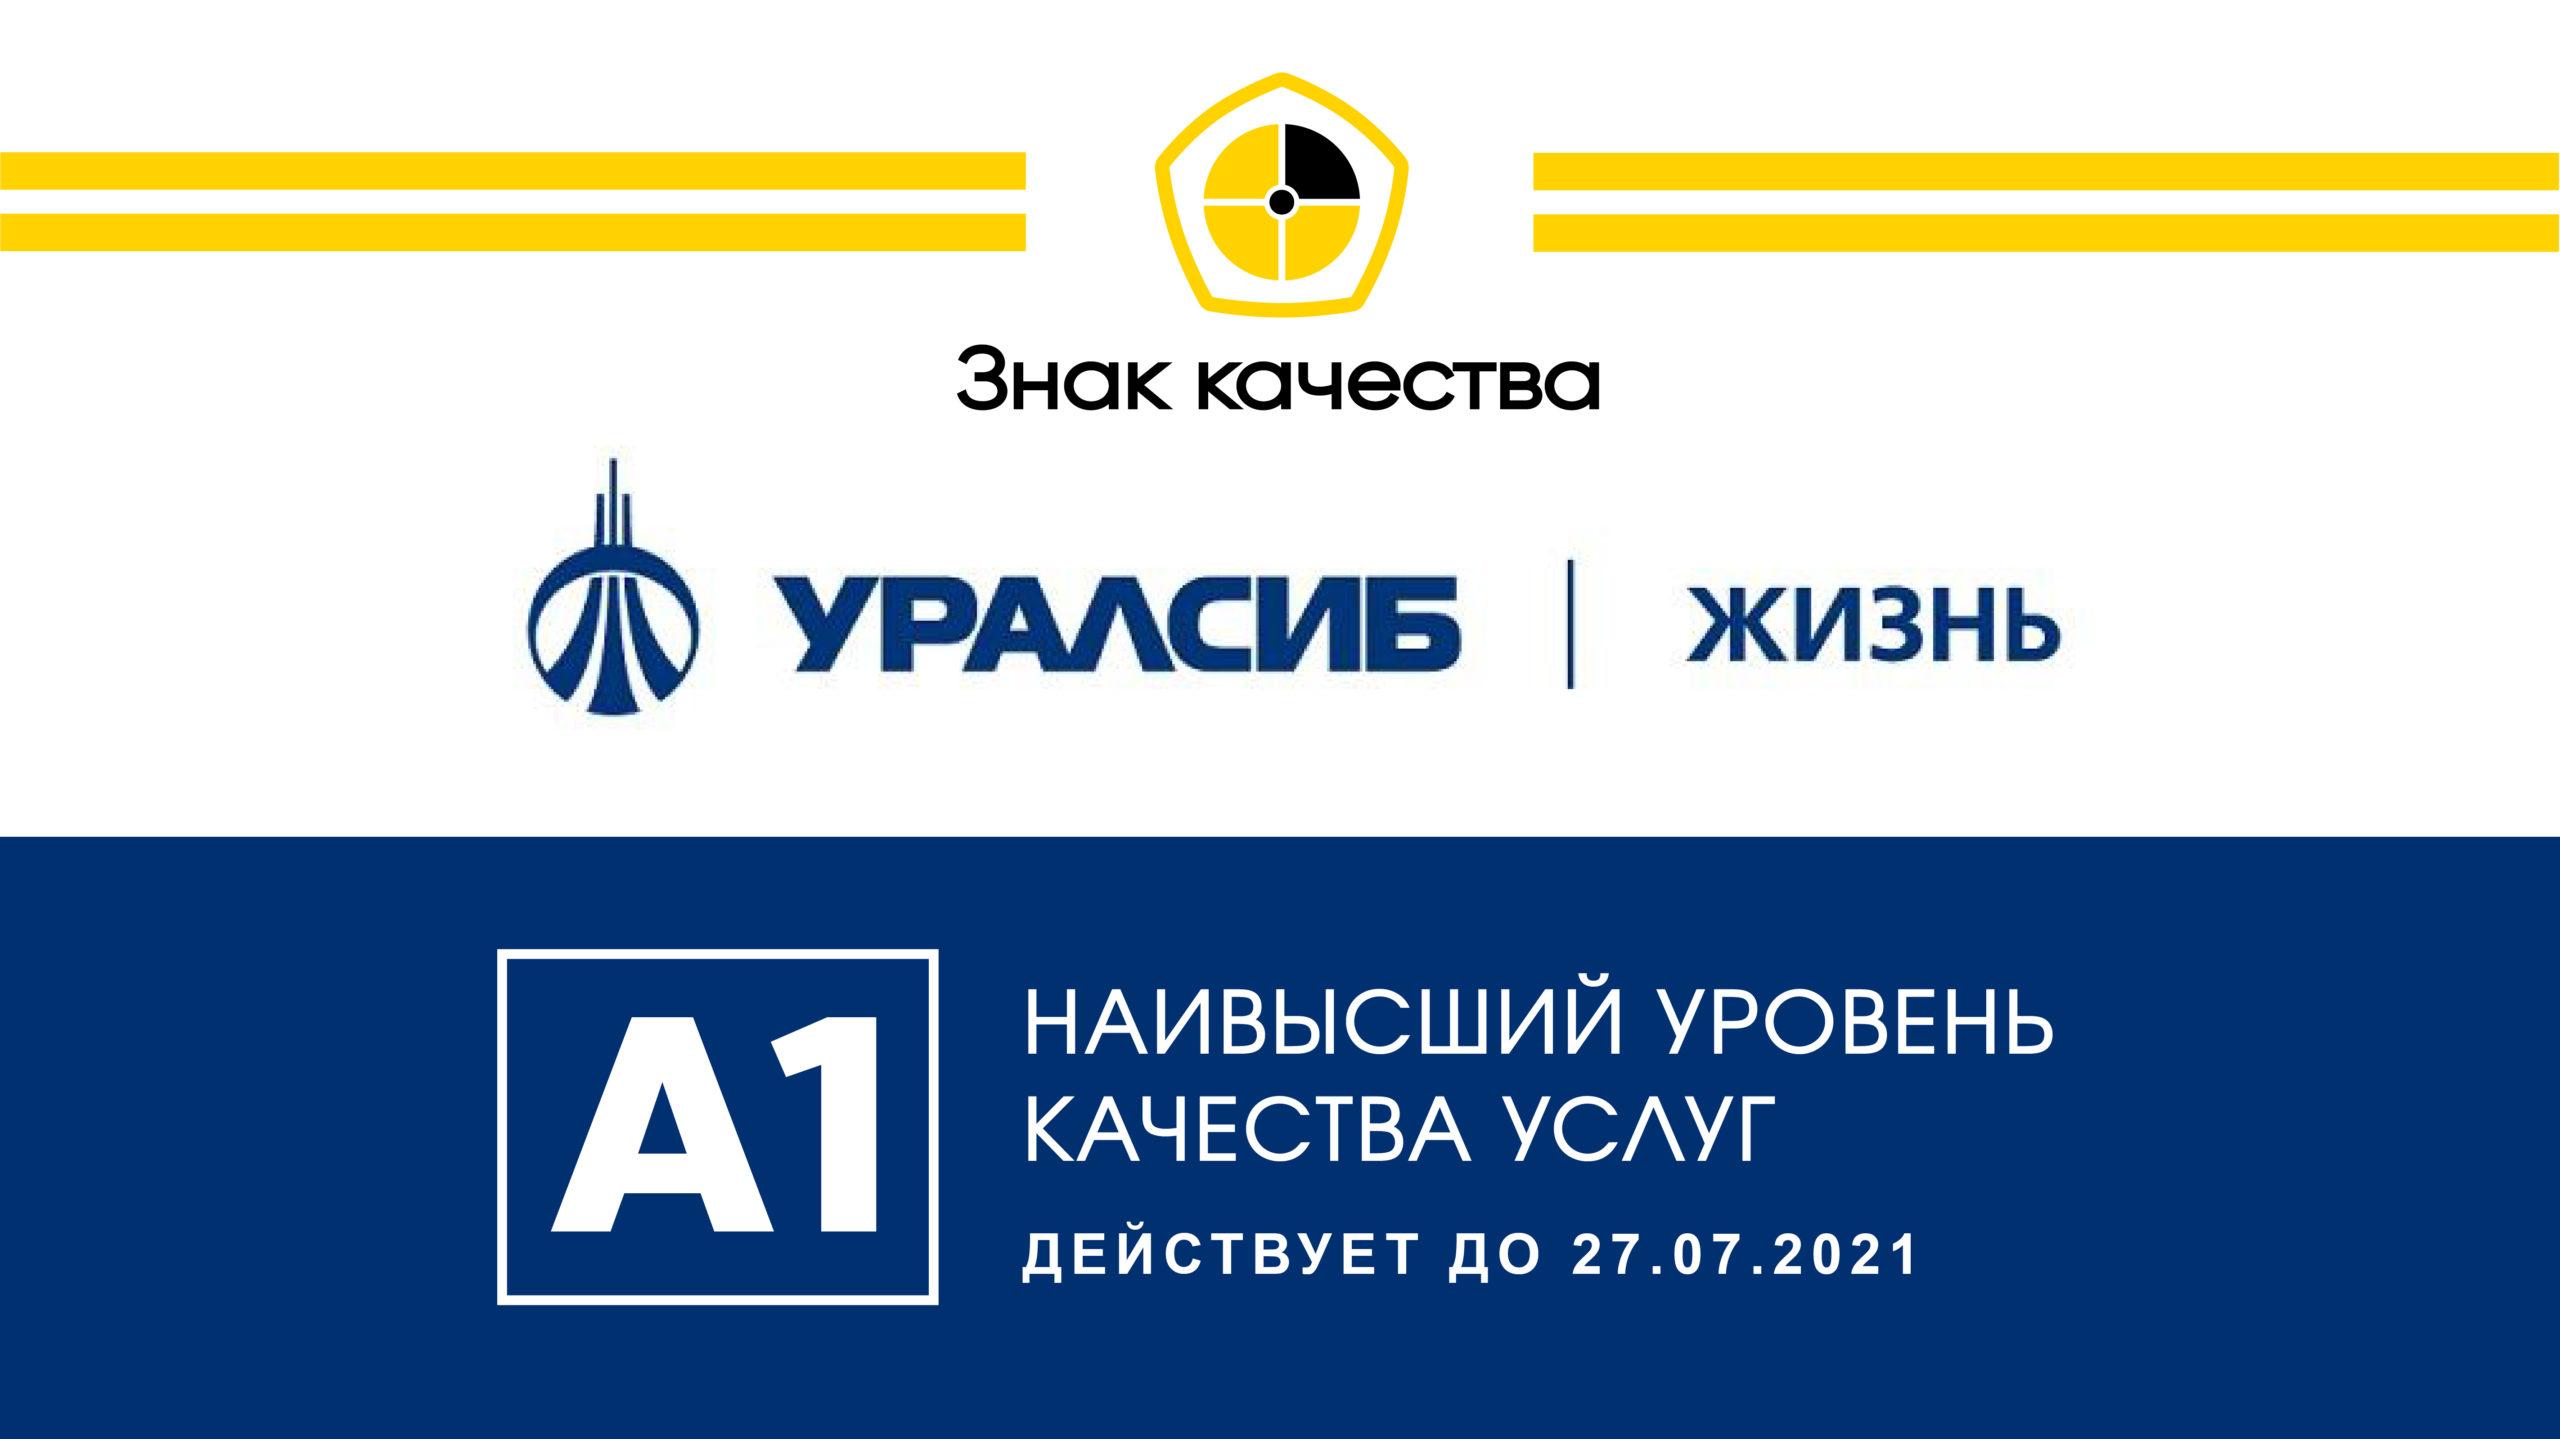 uralsib-zhizn-znak-kachestva-01-scaled.jpg